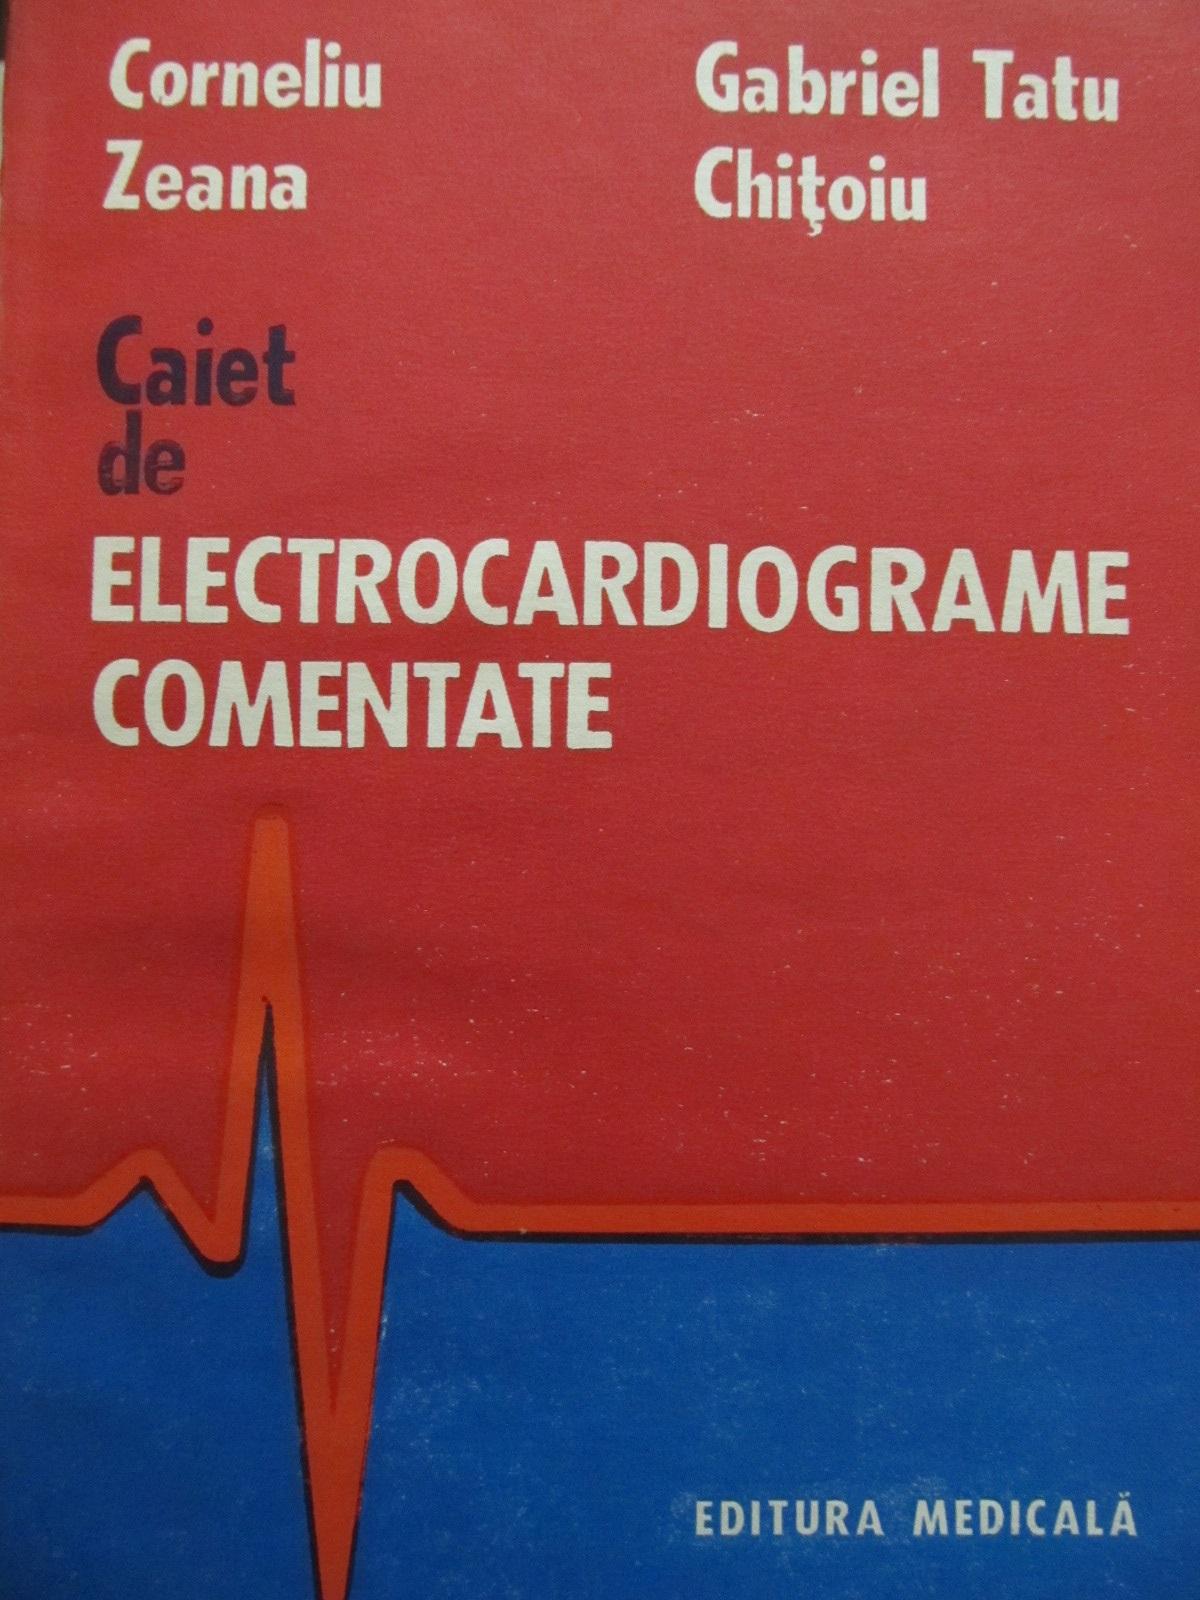 Caiet de electrocardiograme comentate [1] - Corneliu Zeana , Gabriel Tatu Chitoiu | Detalii carte